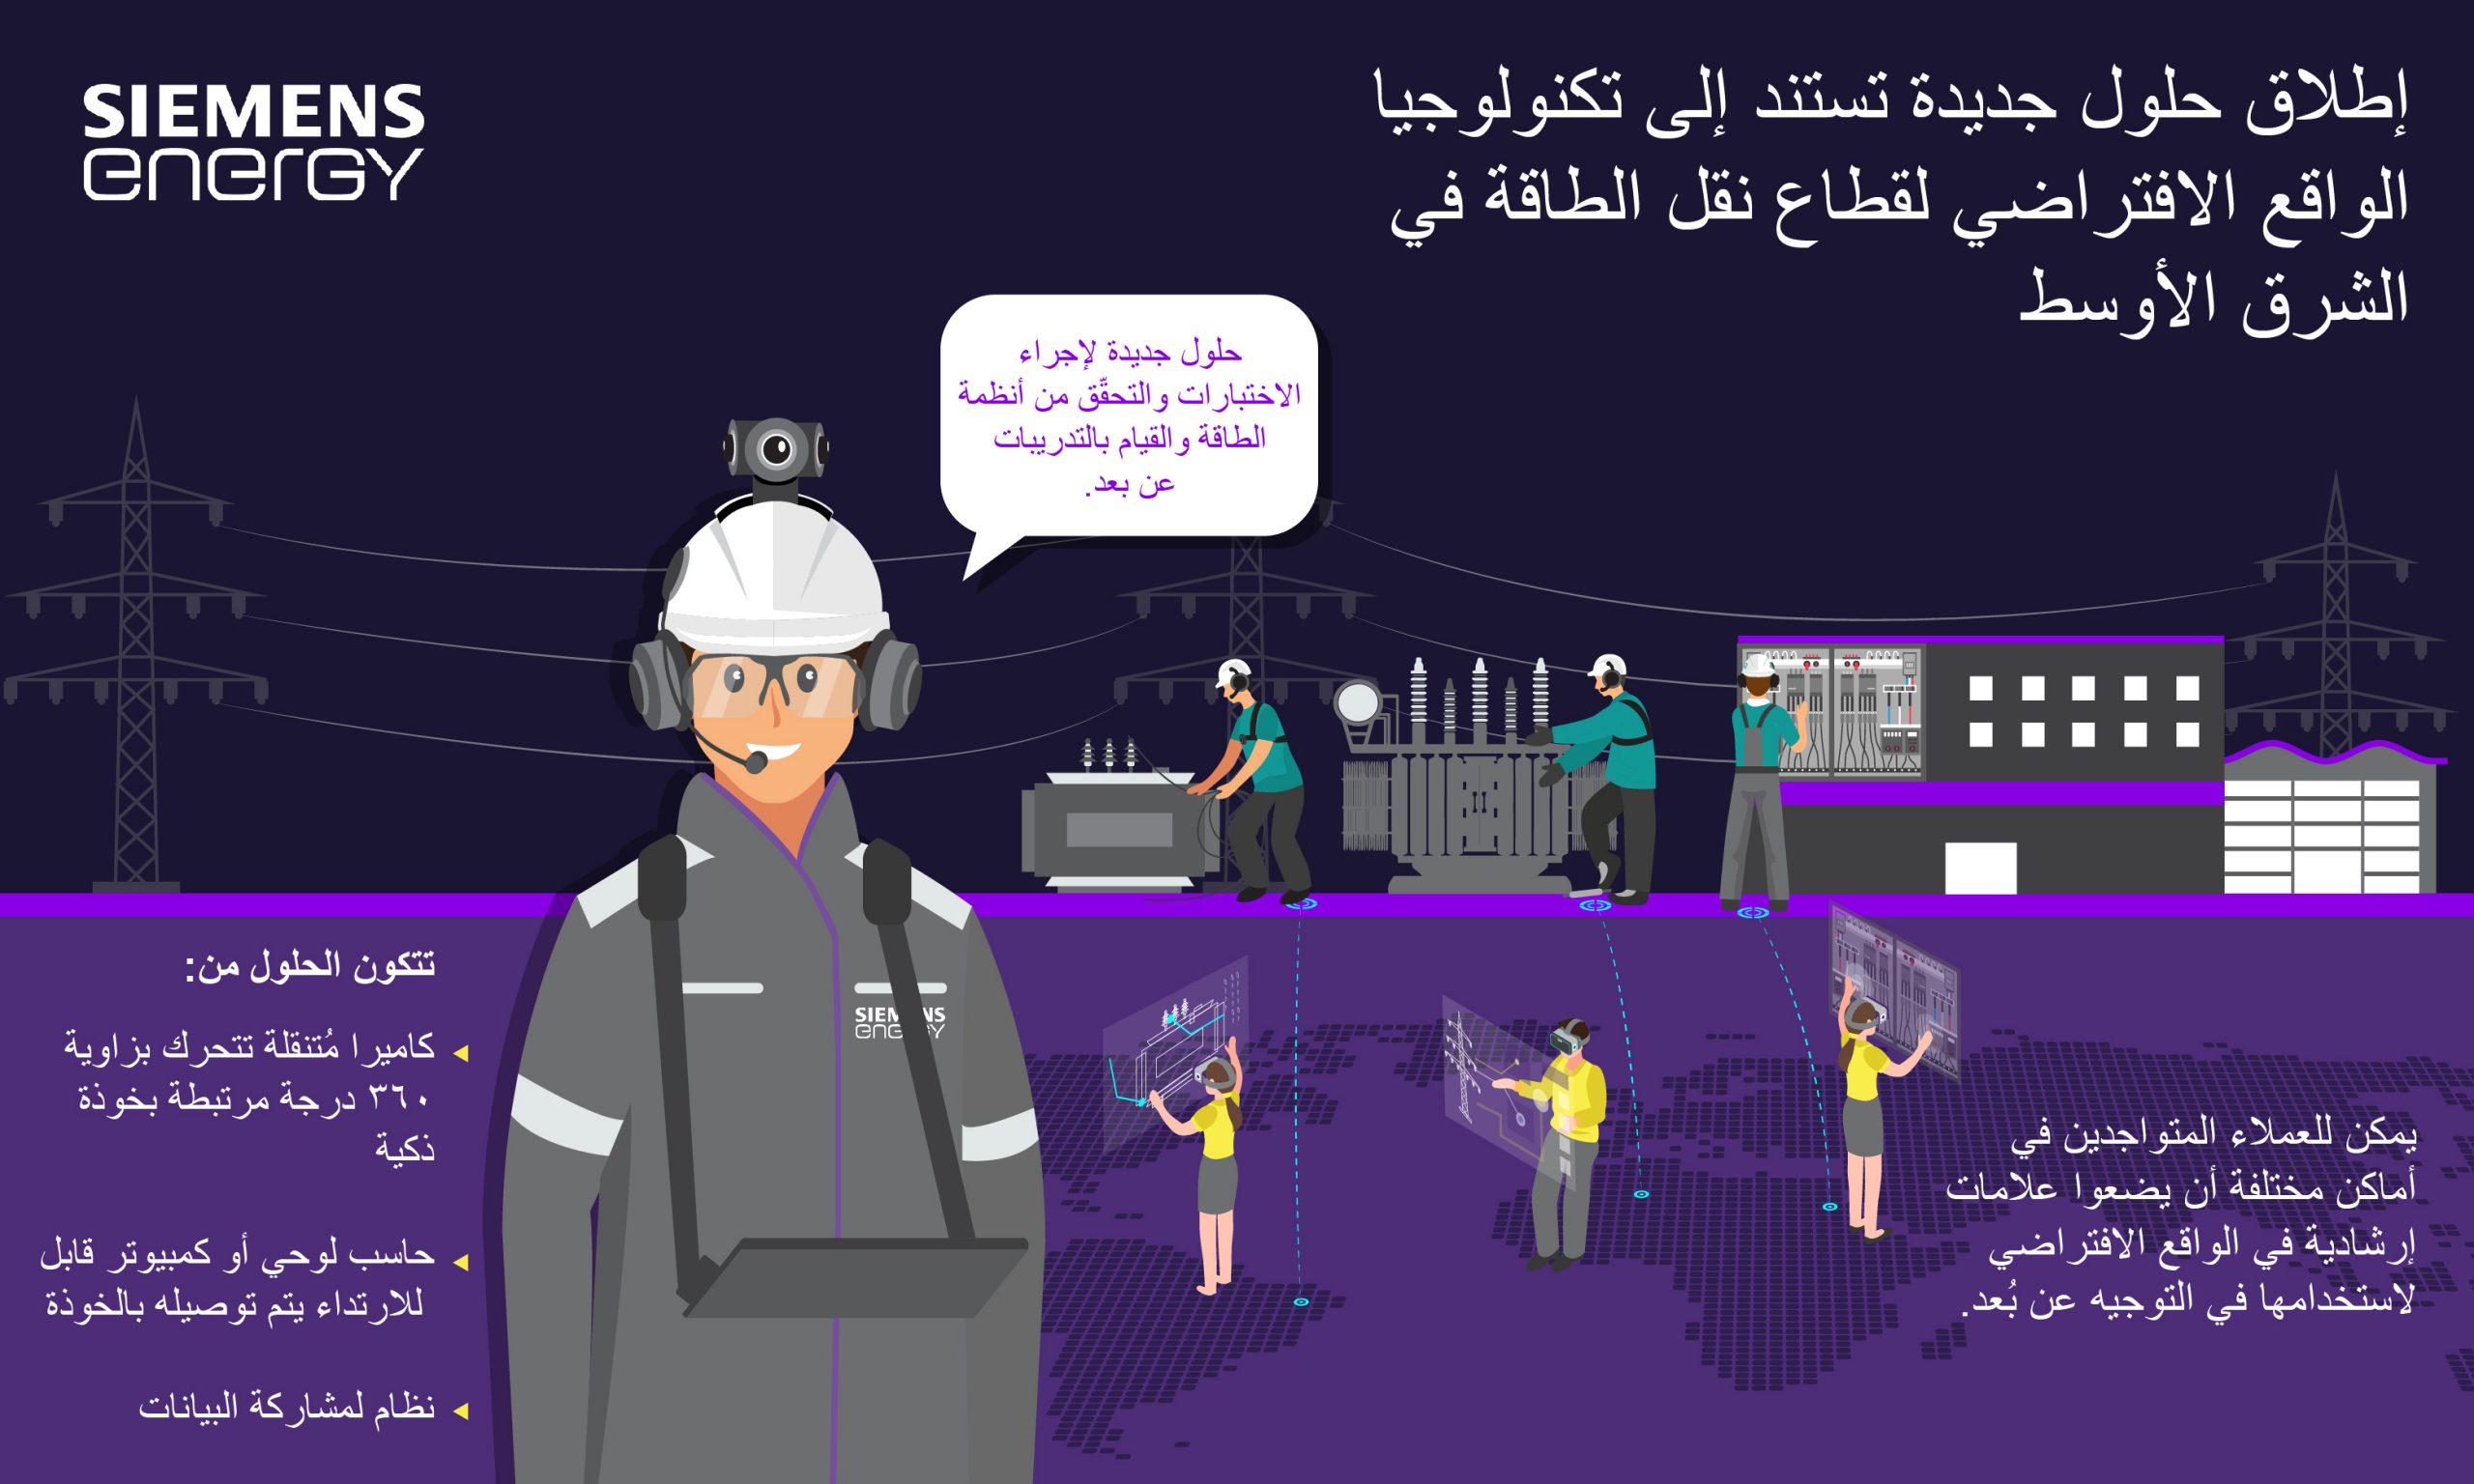 إطلاق حلول جديدة تستند إلى تكنولوجيا الواقع الافتراضي لقطاع نقل الطاقة في منطقة الشرق الأوسط